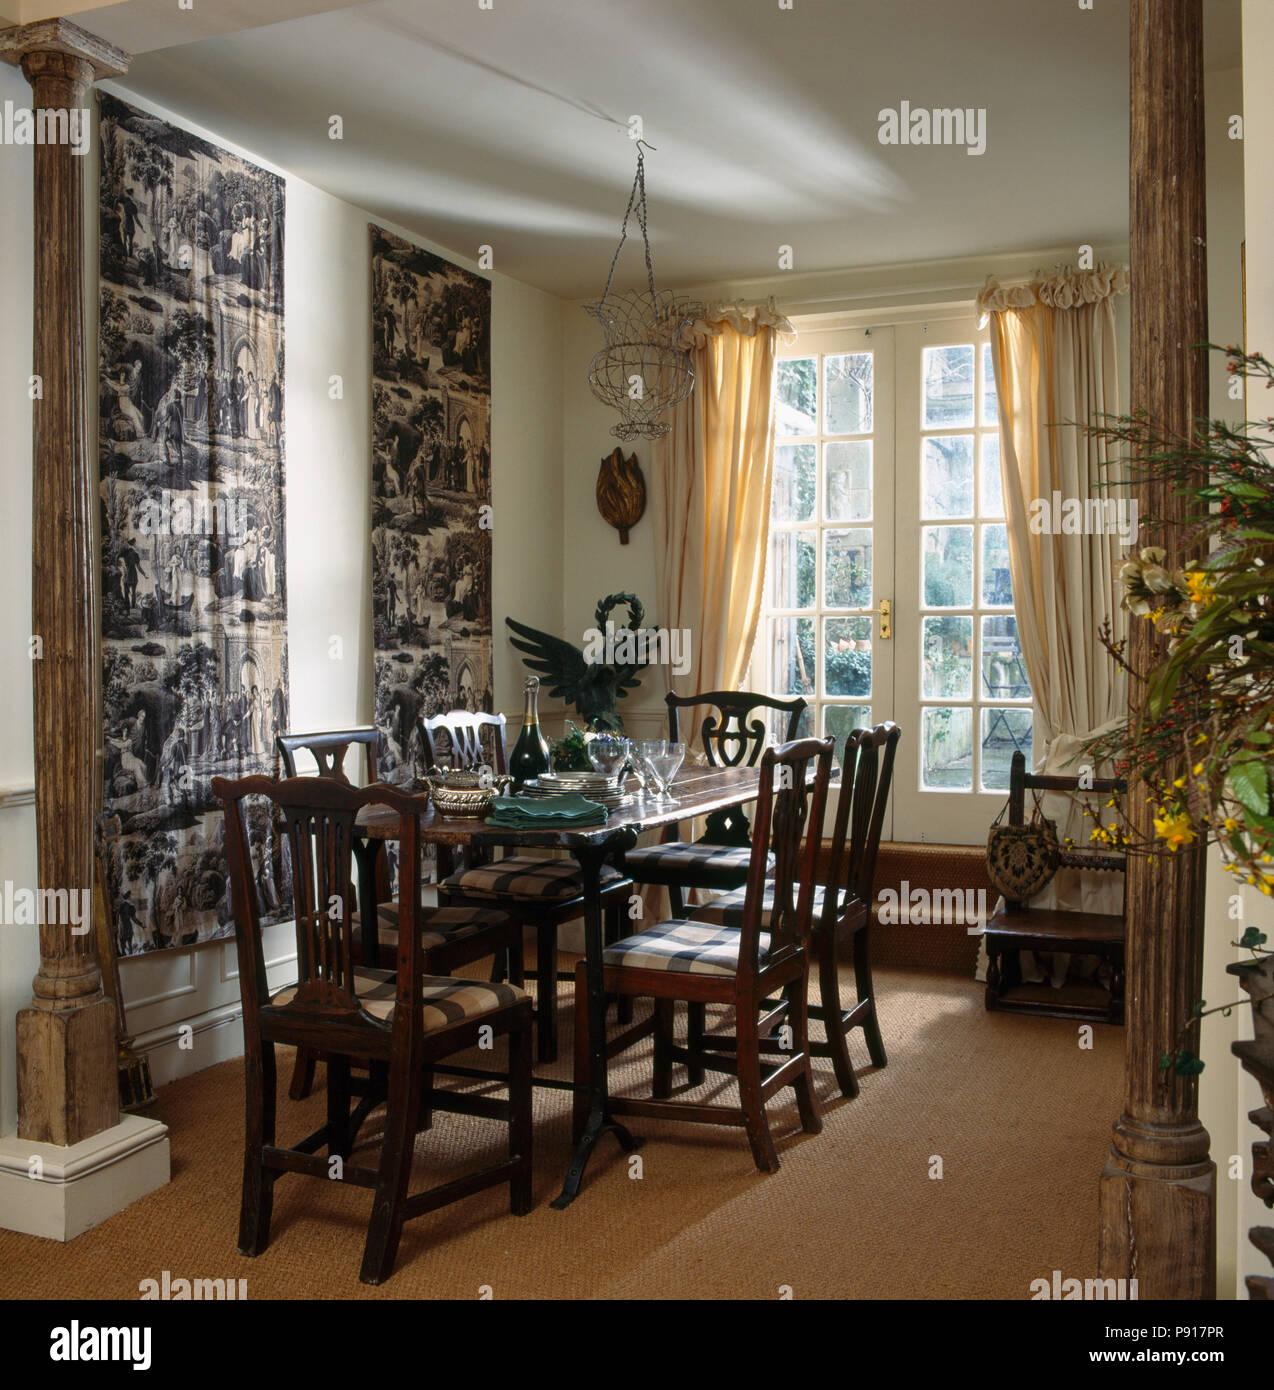 Schweres Holz Stuhle Am Tisch Im Esszimmer Mit Toile De Jouy